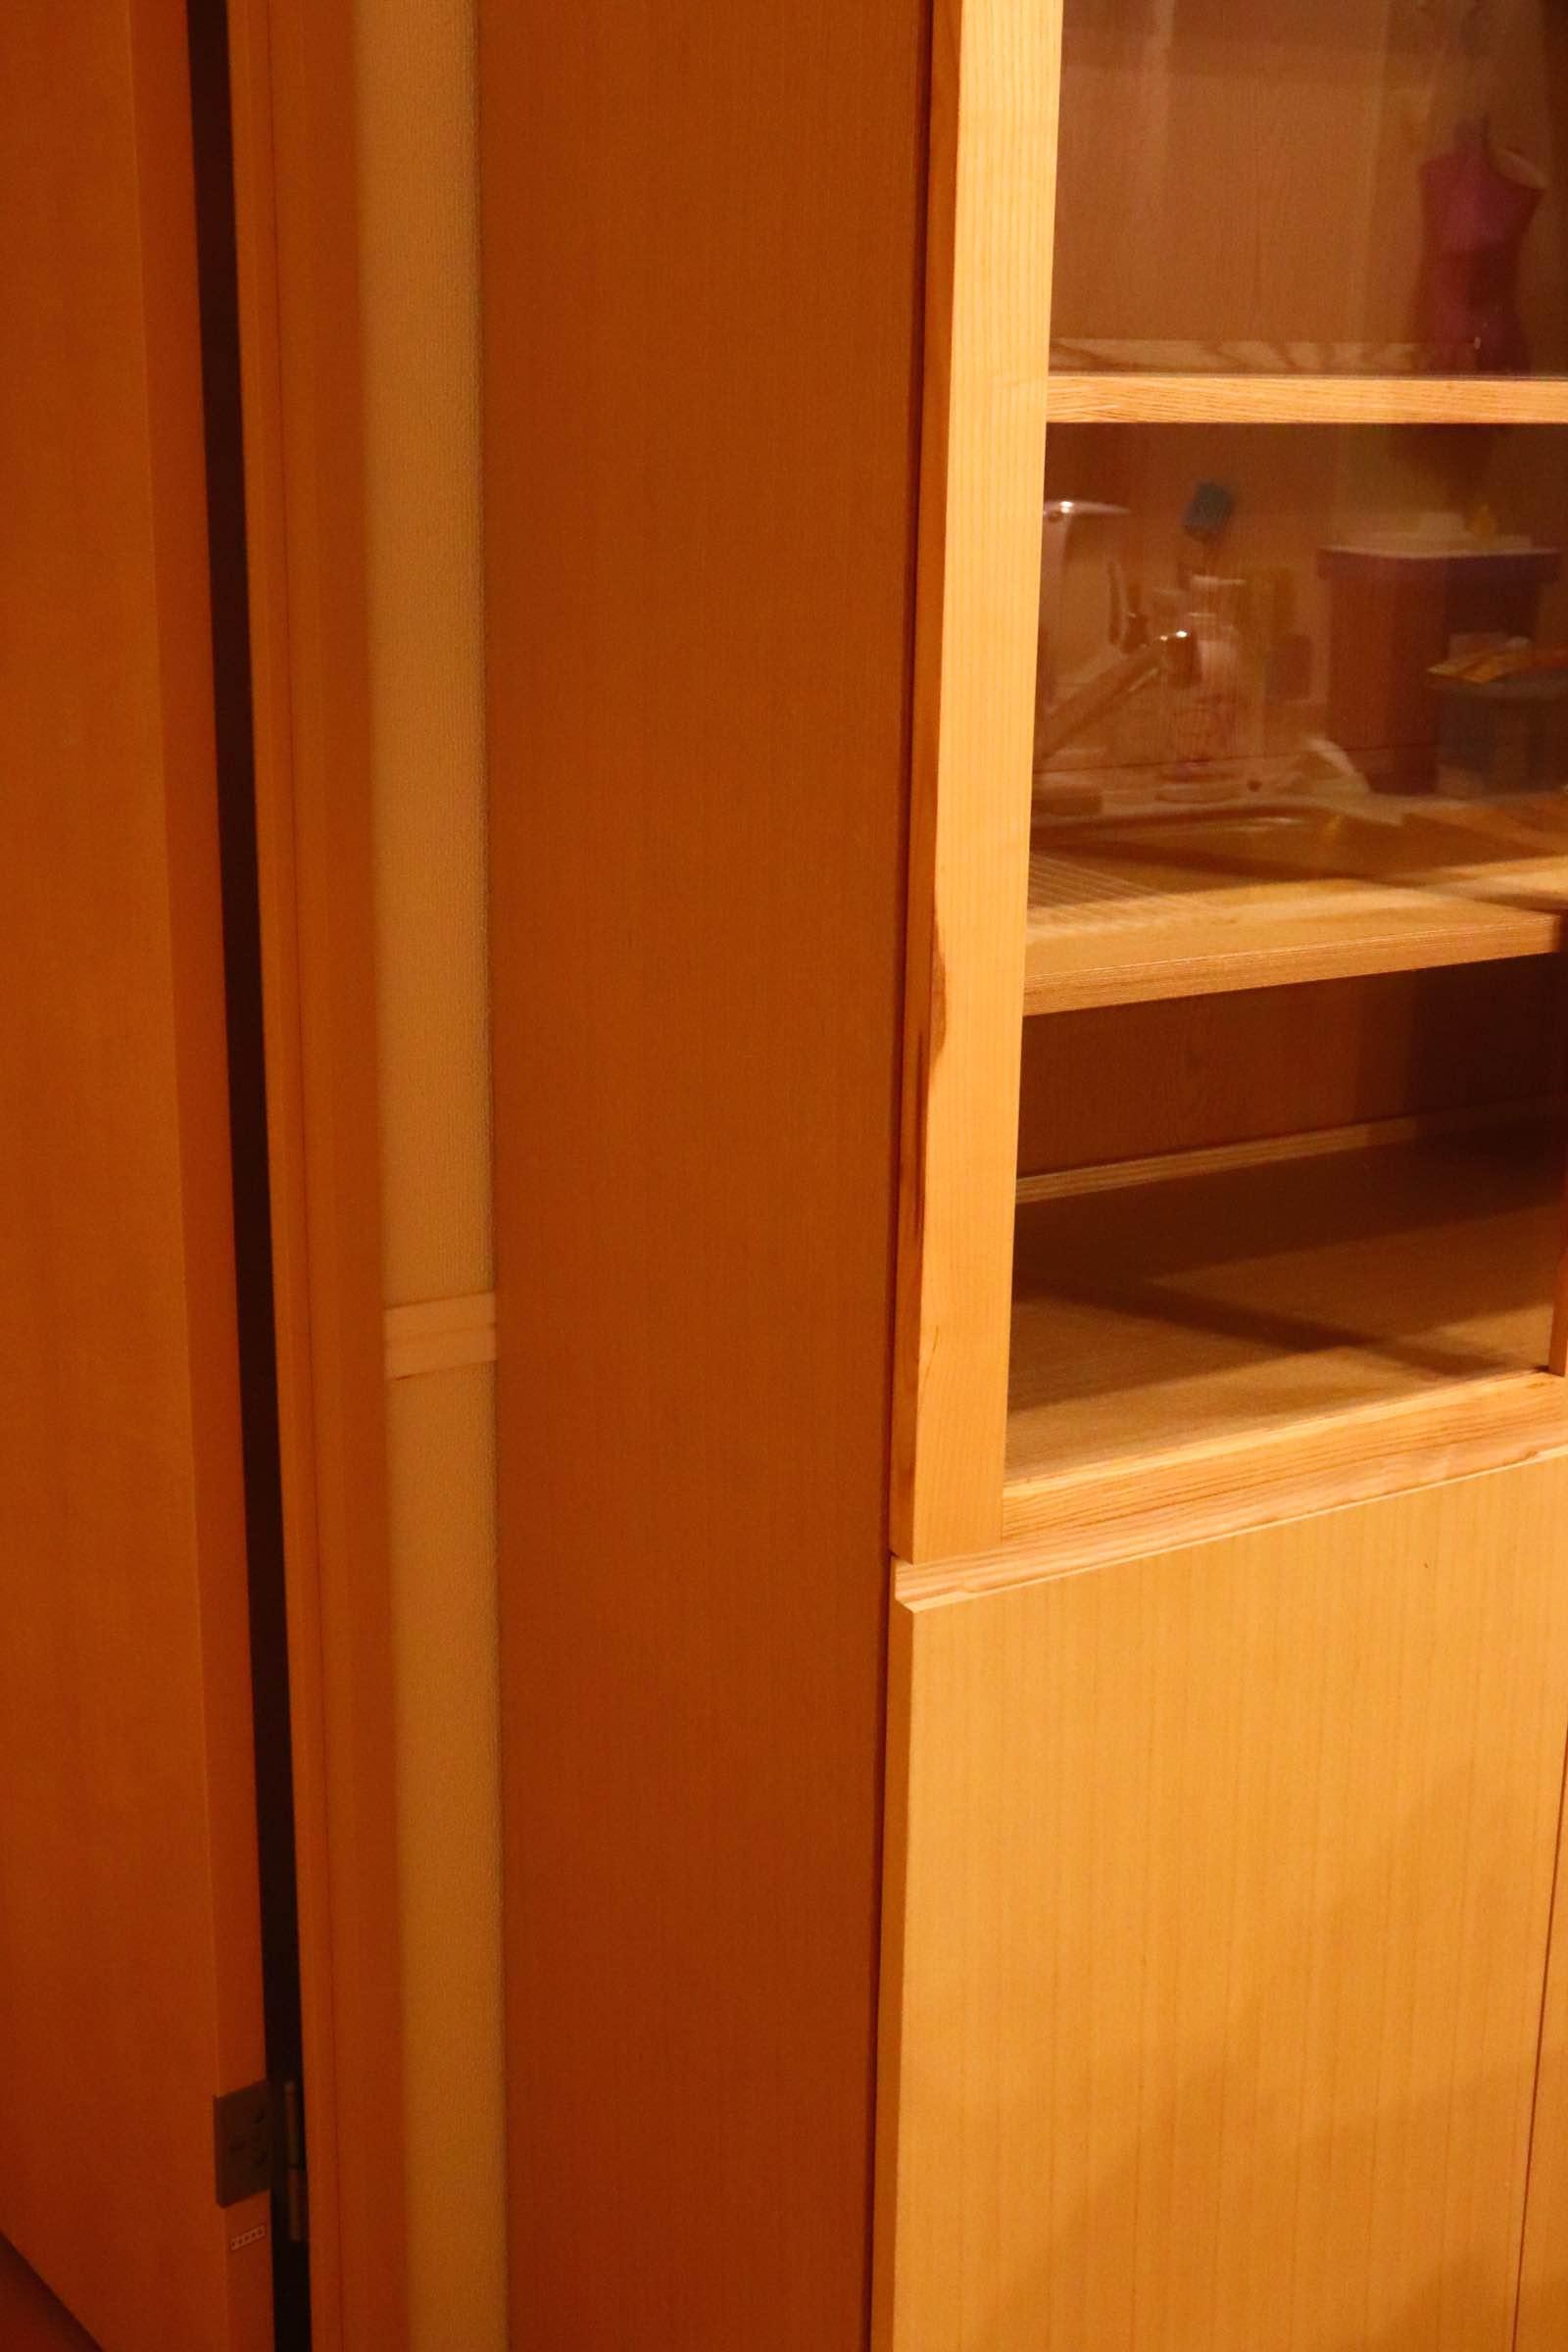 無印良品 MUJI オーク材 食器棚 サイドボード キャビネット 幅80 中古 美品